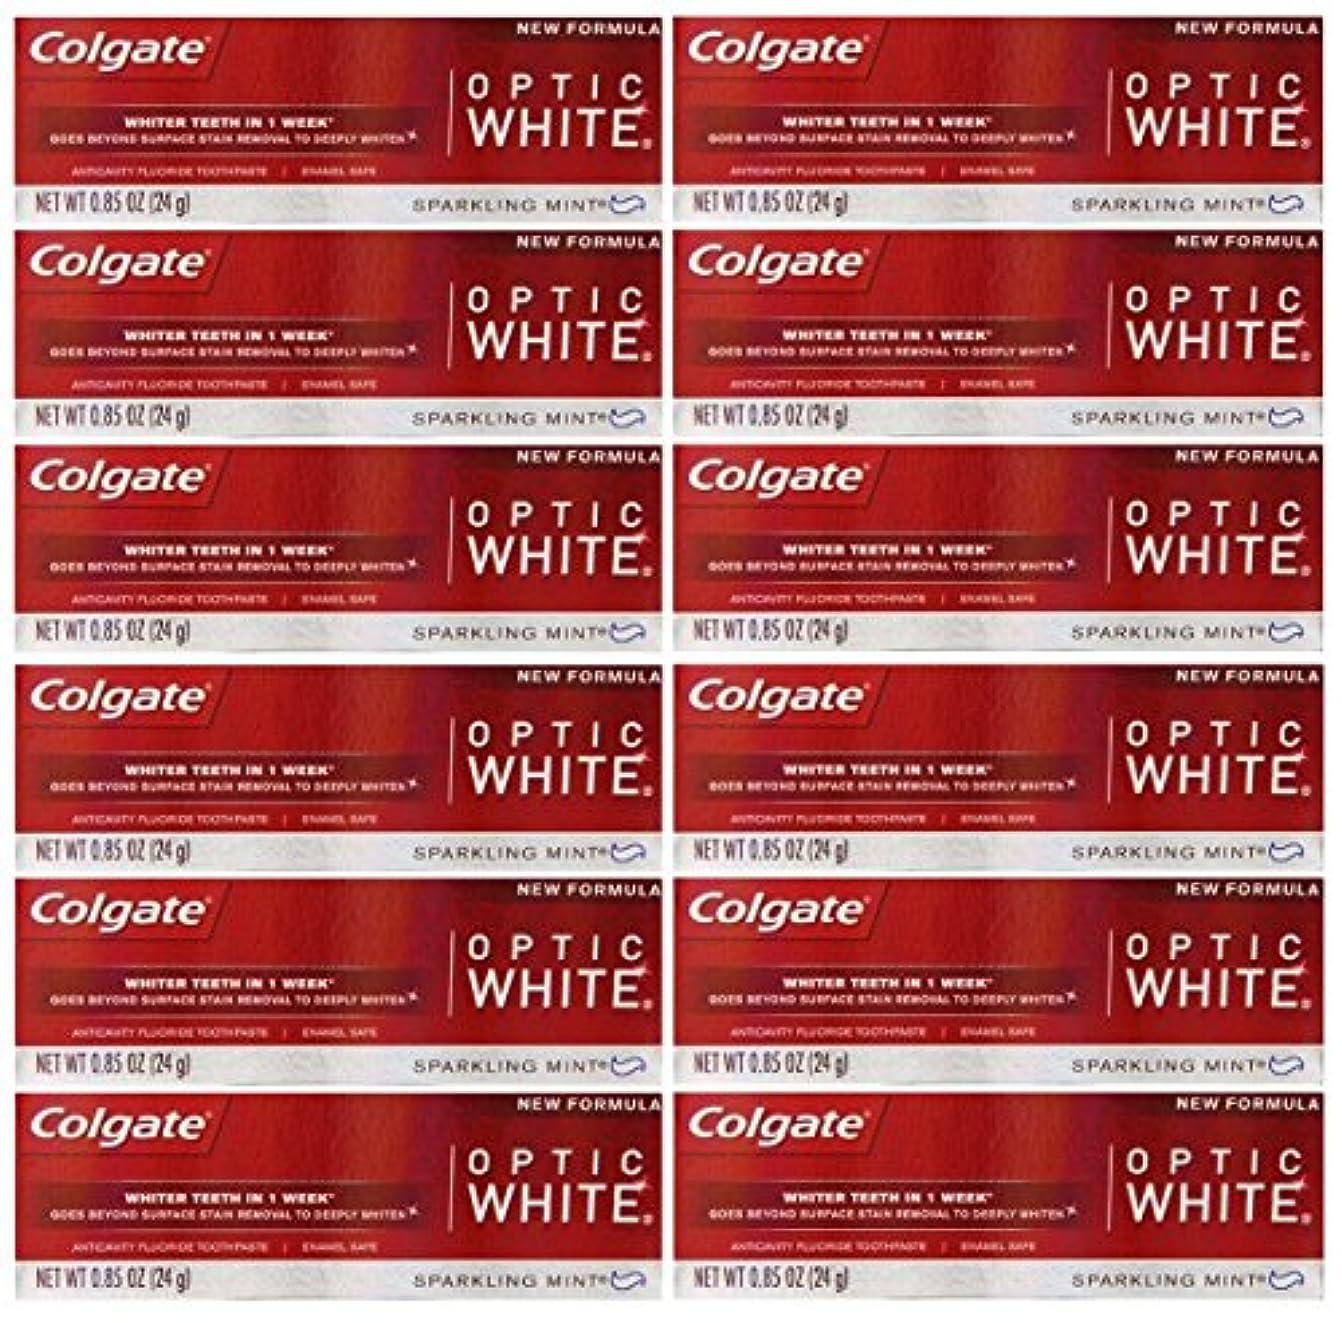 ダンプ修理工任命するColgate 12パック - ハミガキ、スパークリングホワイト、スパークリングミント、トラベルサイズ0.85オンスホワイトニングオプティックホワイト歯